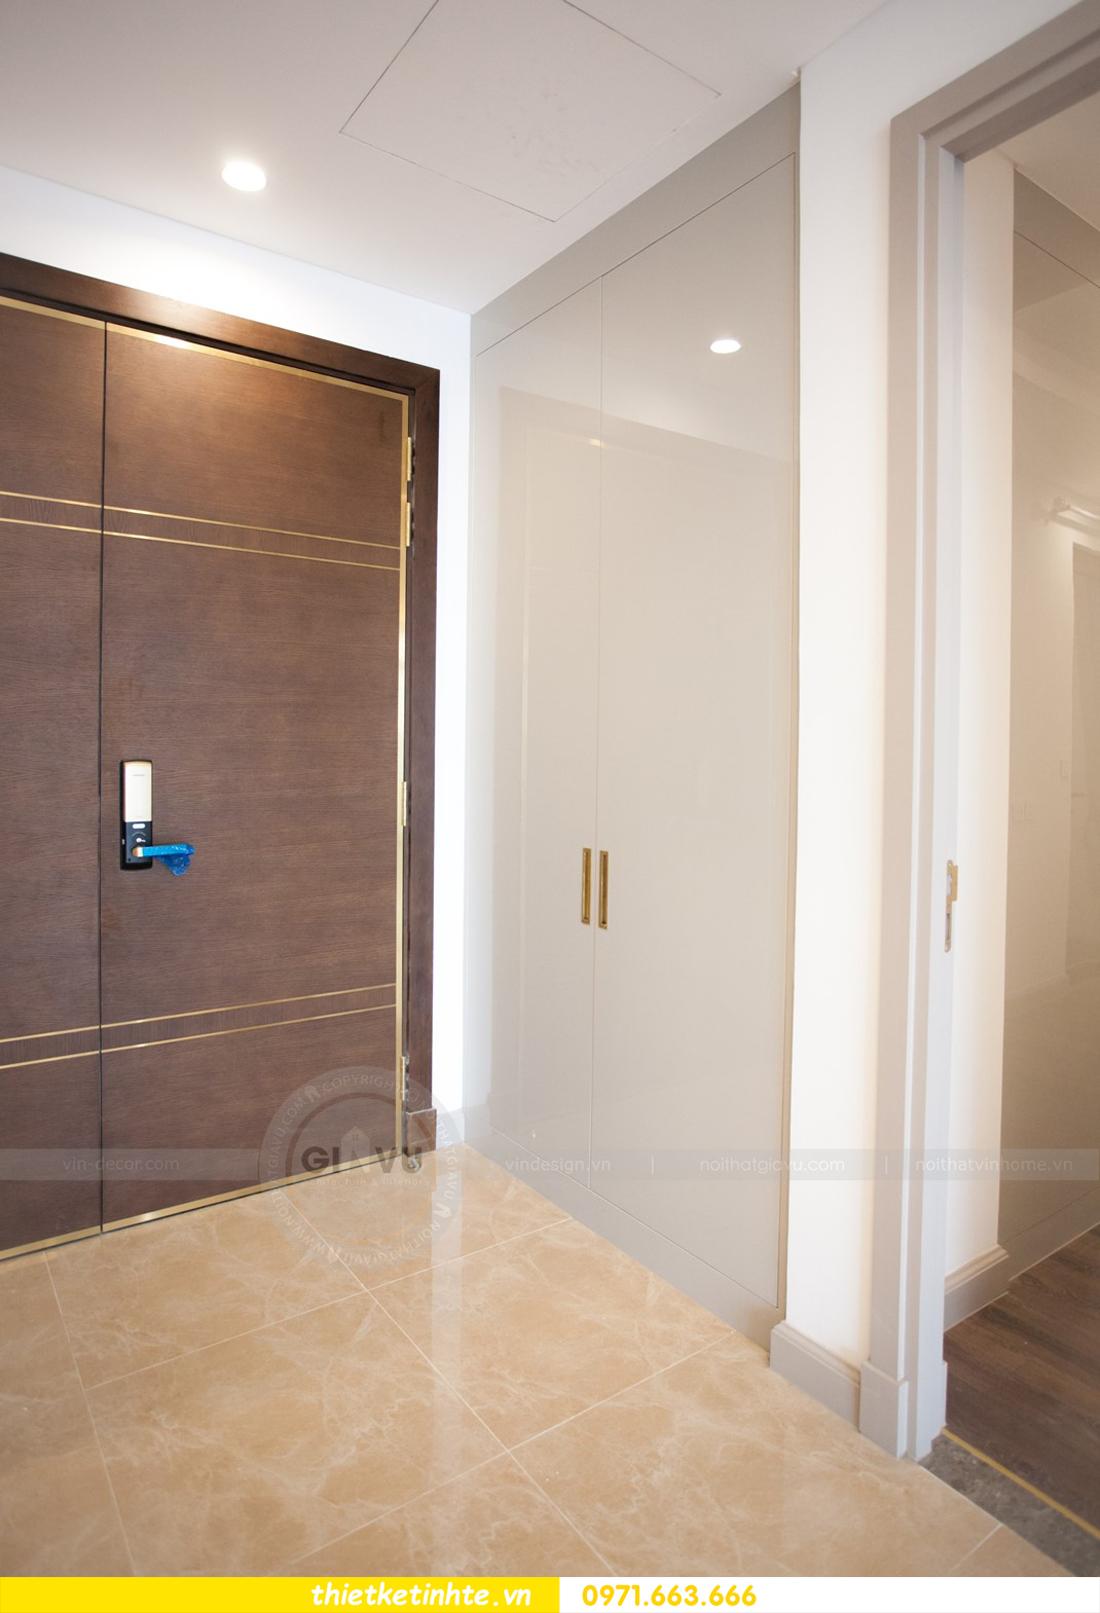 thi công nội thất chung cư trọn gói căn hộ 1105 tòa S2 69B Thụy Khuê